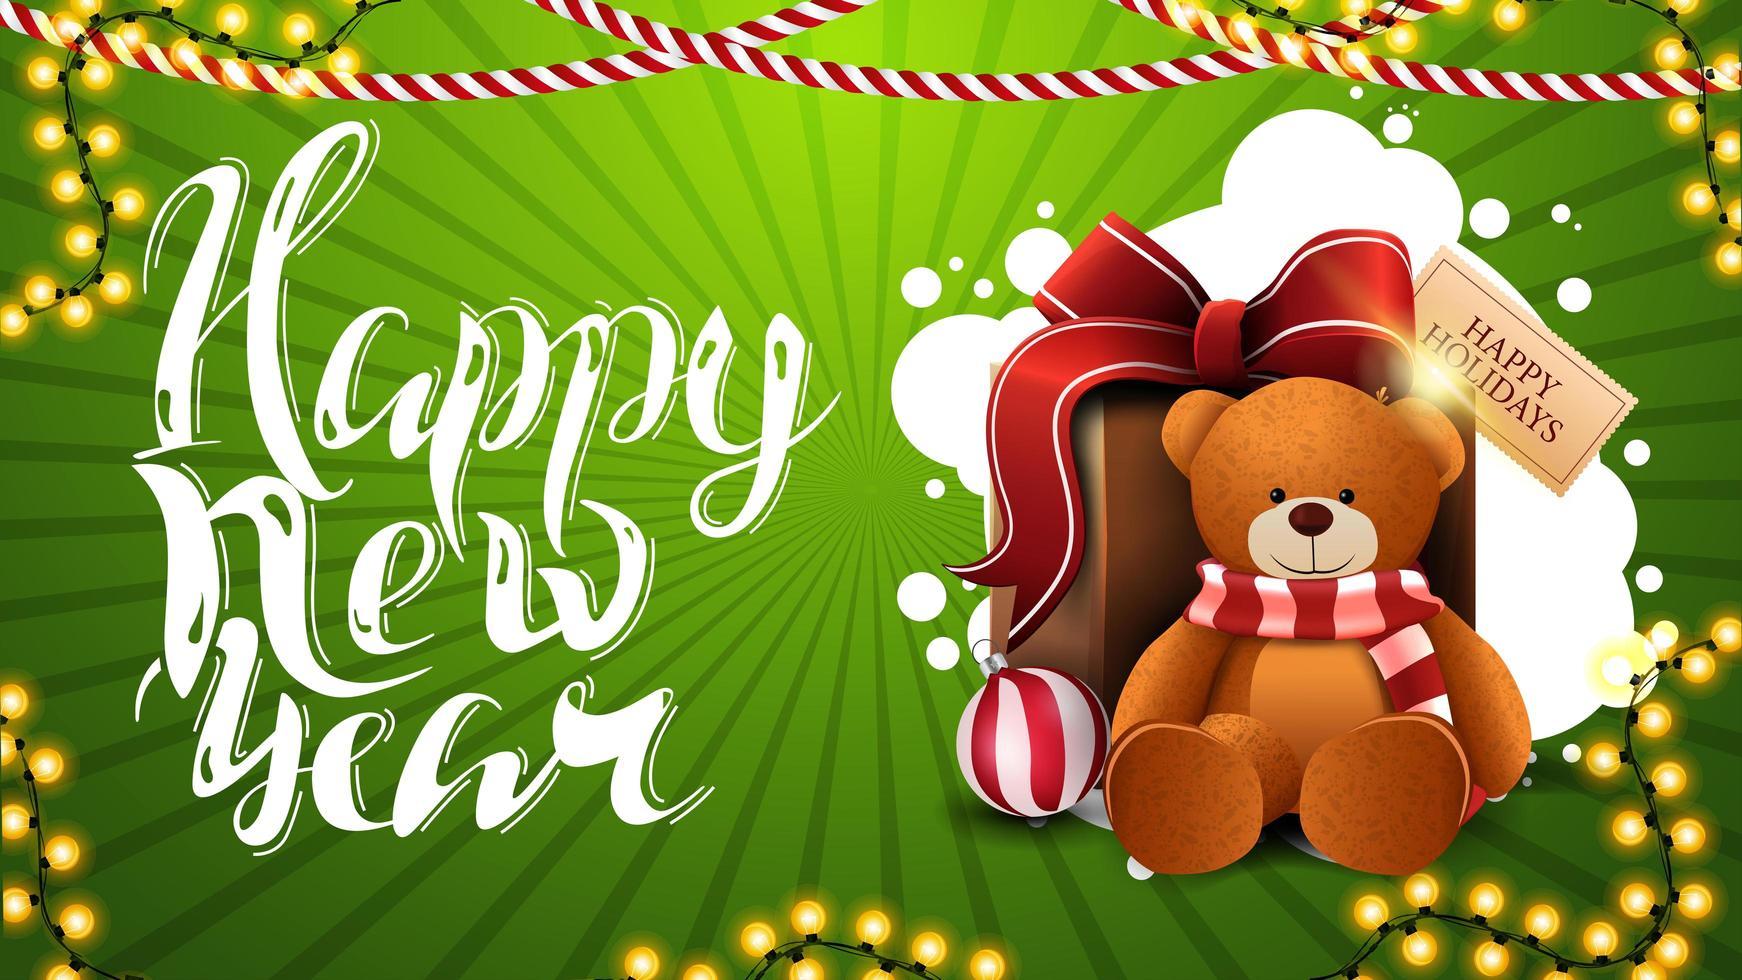 feliz ano novo, cartão verde horizontal com lindas letras, decoração de natal e presente com ursinho de pelúcia vetor